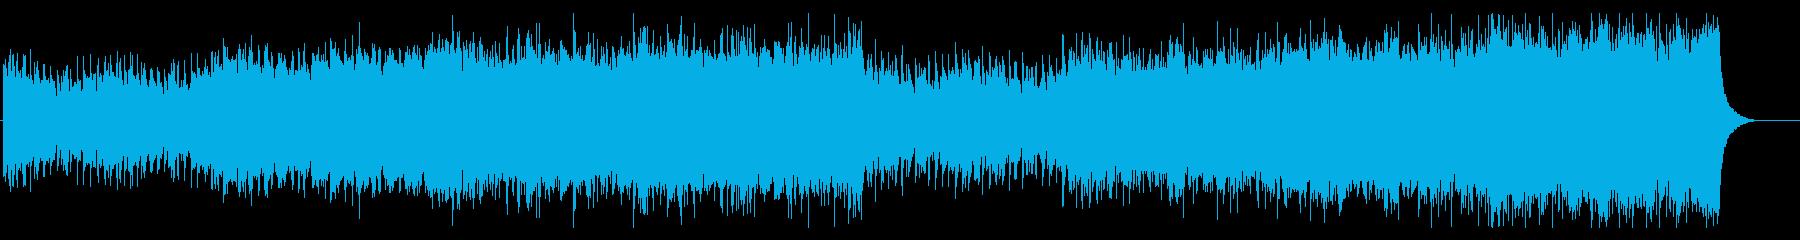 感動 壮大 エモい シネマティックの再生済みの波形